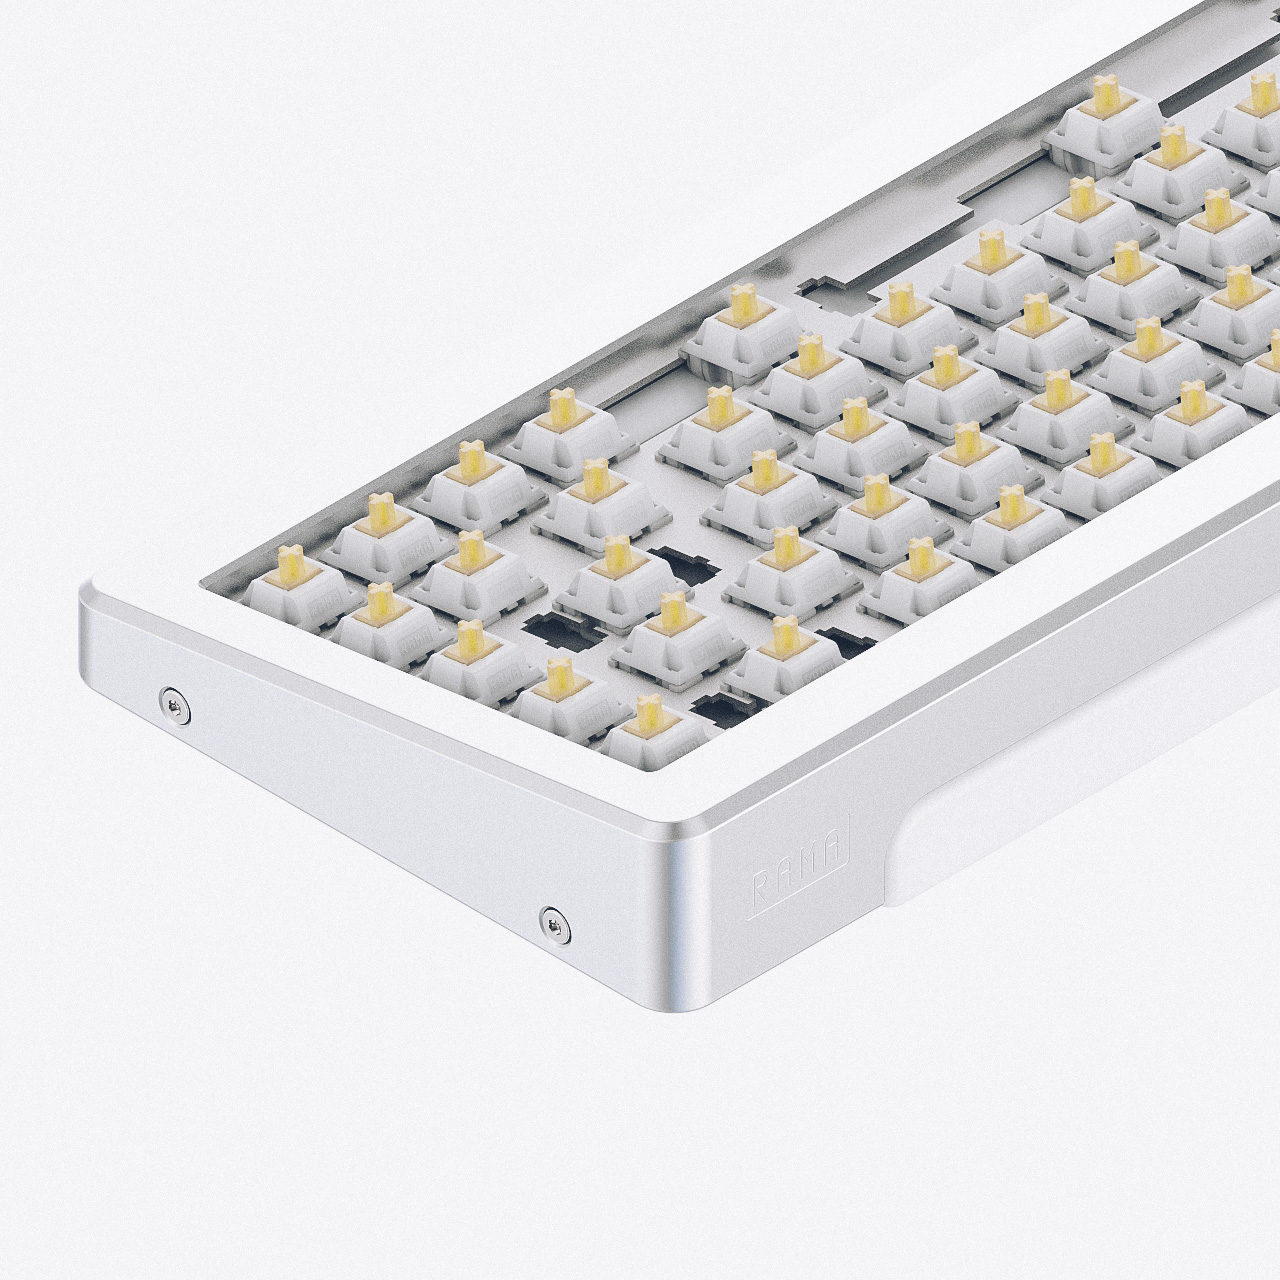 RAMA-161024-COMPRESSED-RAMA-M65-003.499.jpg